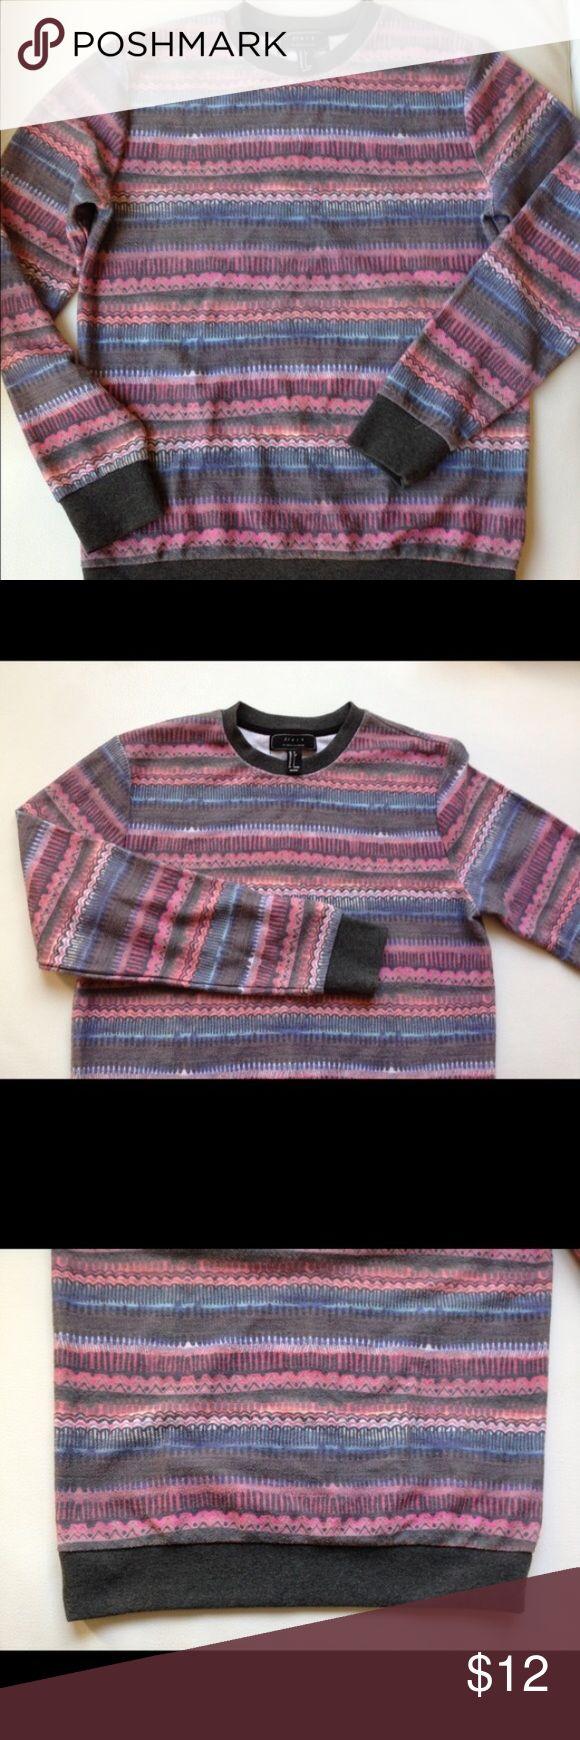 21men Tribal Crewneck sweatshirt - S Pink/orange/blue tribal sweatshirt. Brand new never worn. Excellent condition! 21men Shirts Sweatshirts & Hoodies